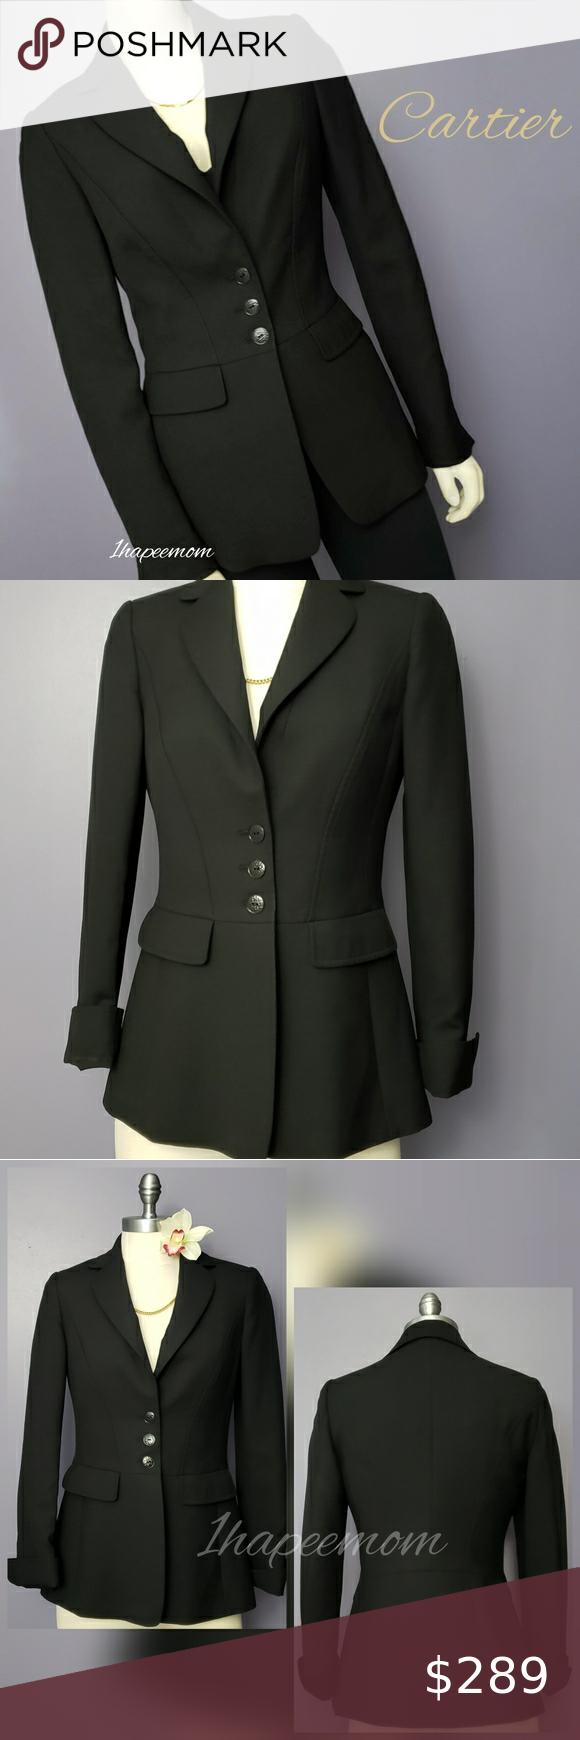 Cartier Blazer Womens Wool Coat Black Jacket Black Suit Jacket Blazer Coat Blazers For Women [ 1740 x 580 Pixel ]